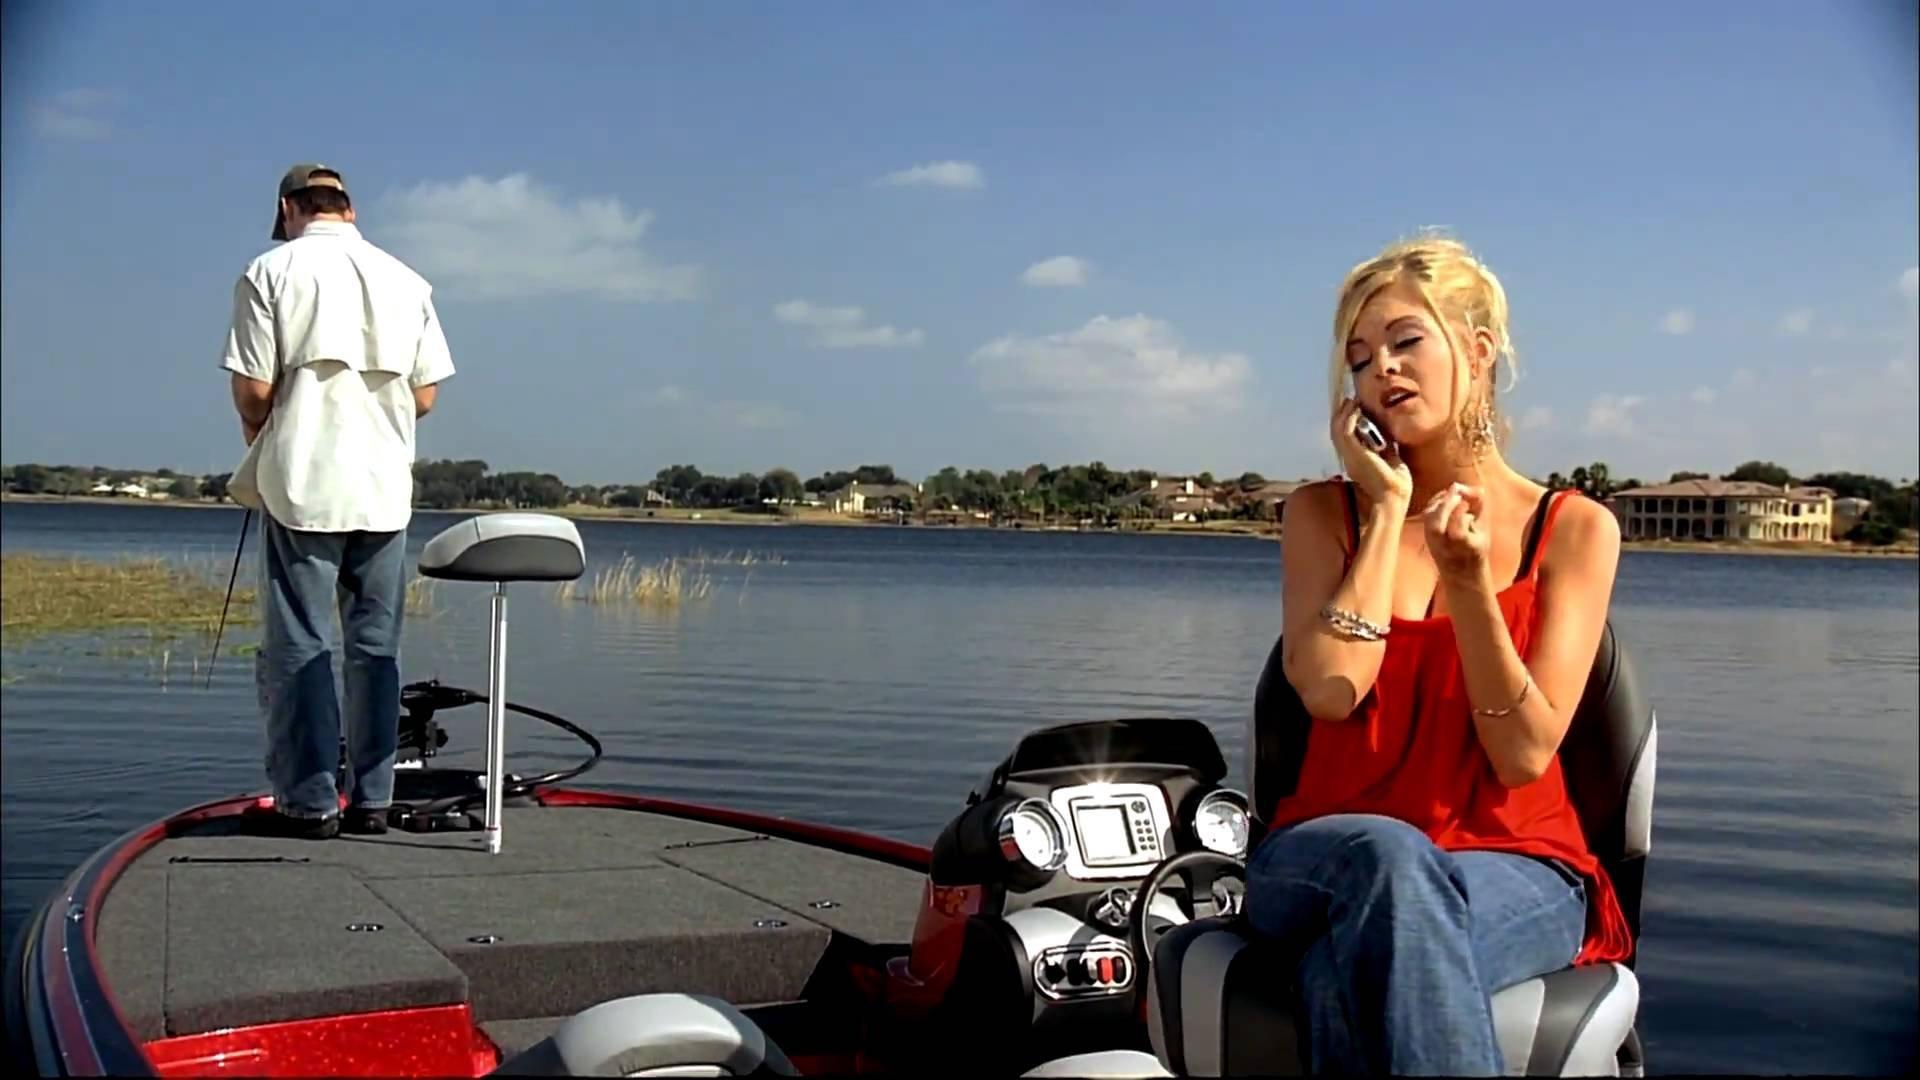 Приколы картинки про измены женщин на катере